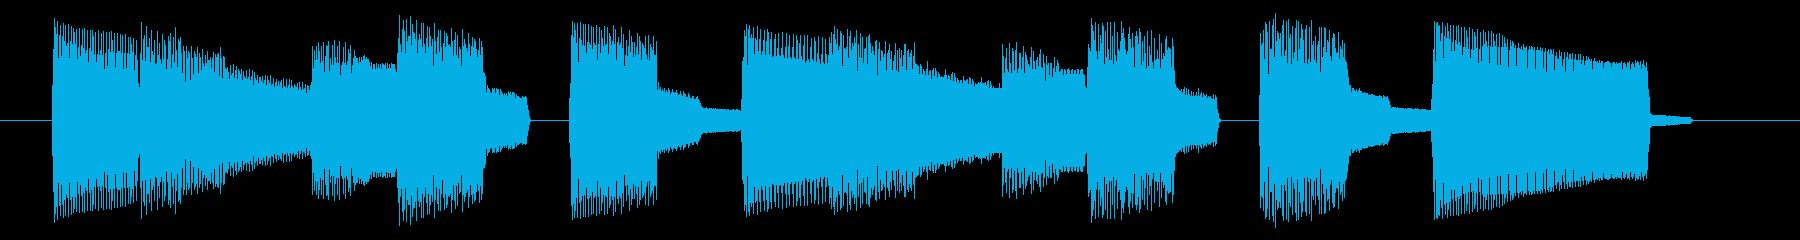 NES スポーツ A03-4(ミス2)の再生済みの波形